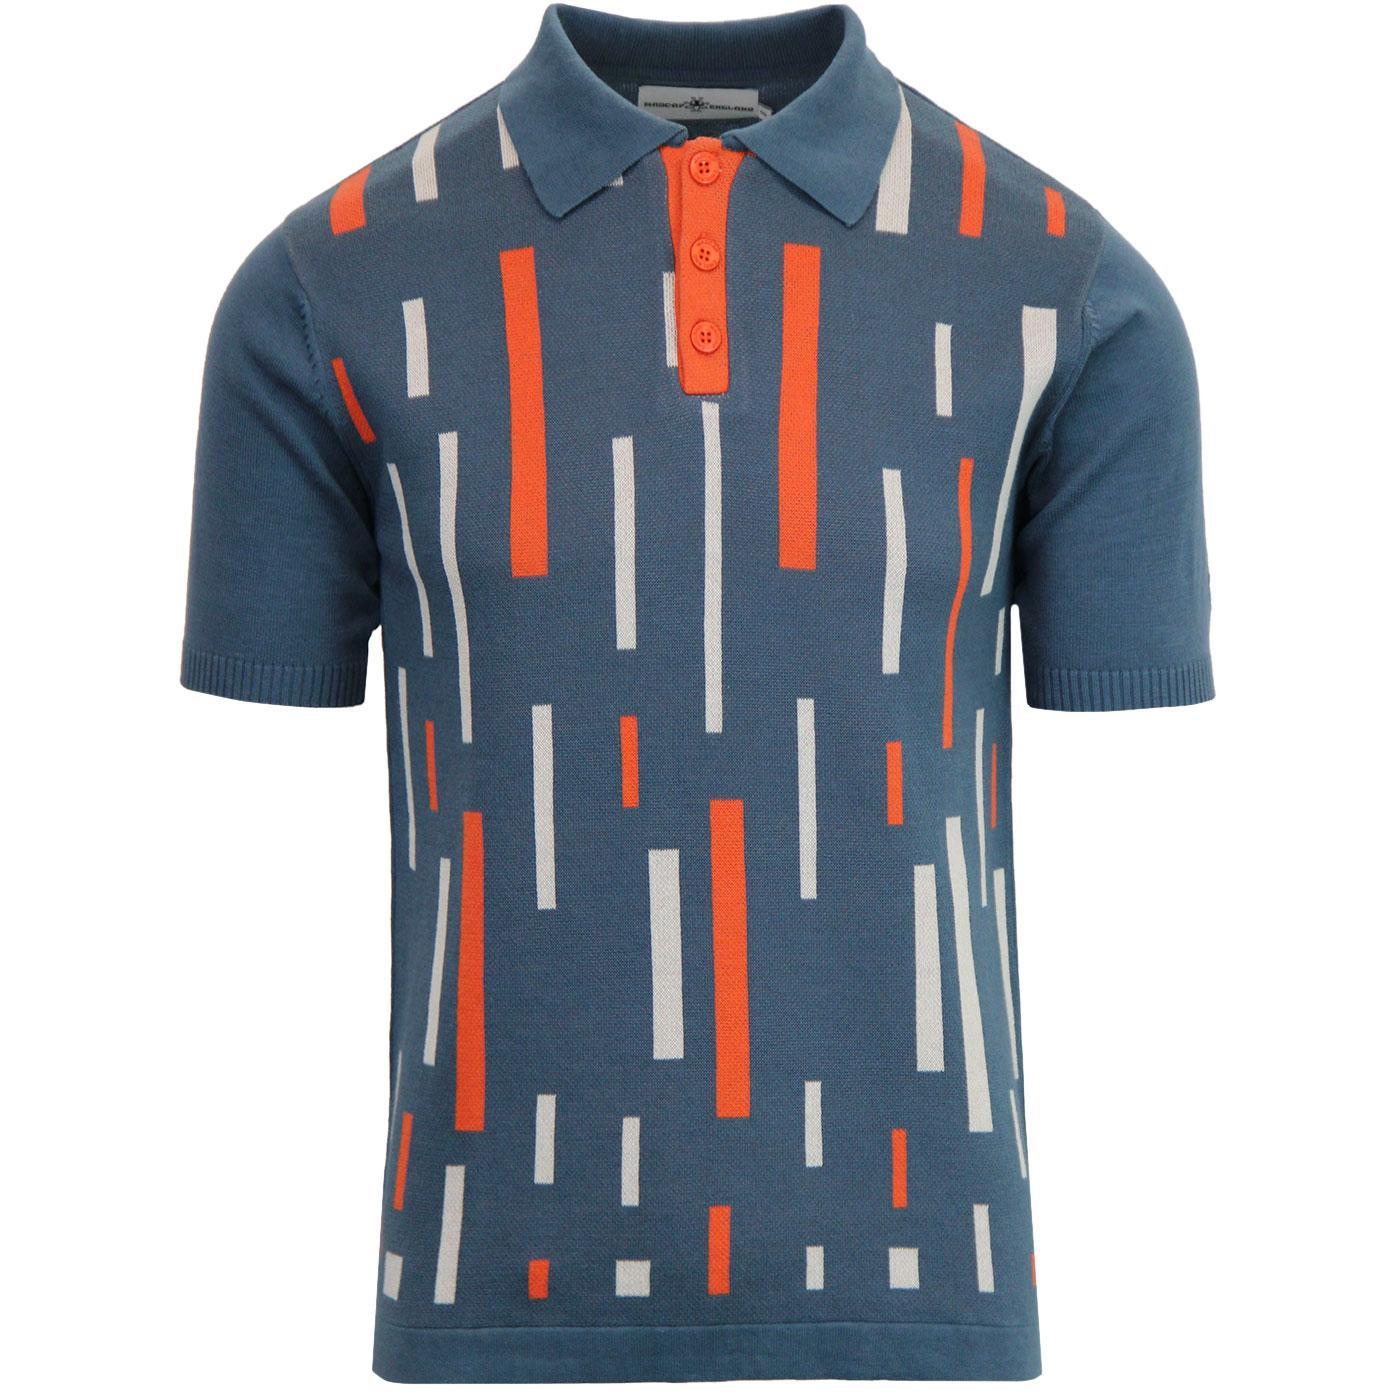 Madcap England Eames Men's 1960s Mod Colour Block Polo Shirt in Orion Blue